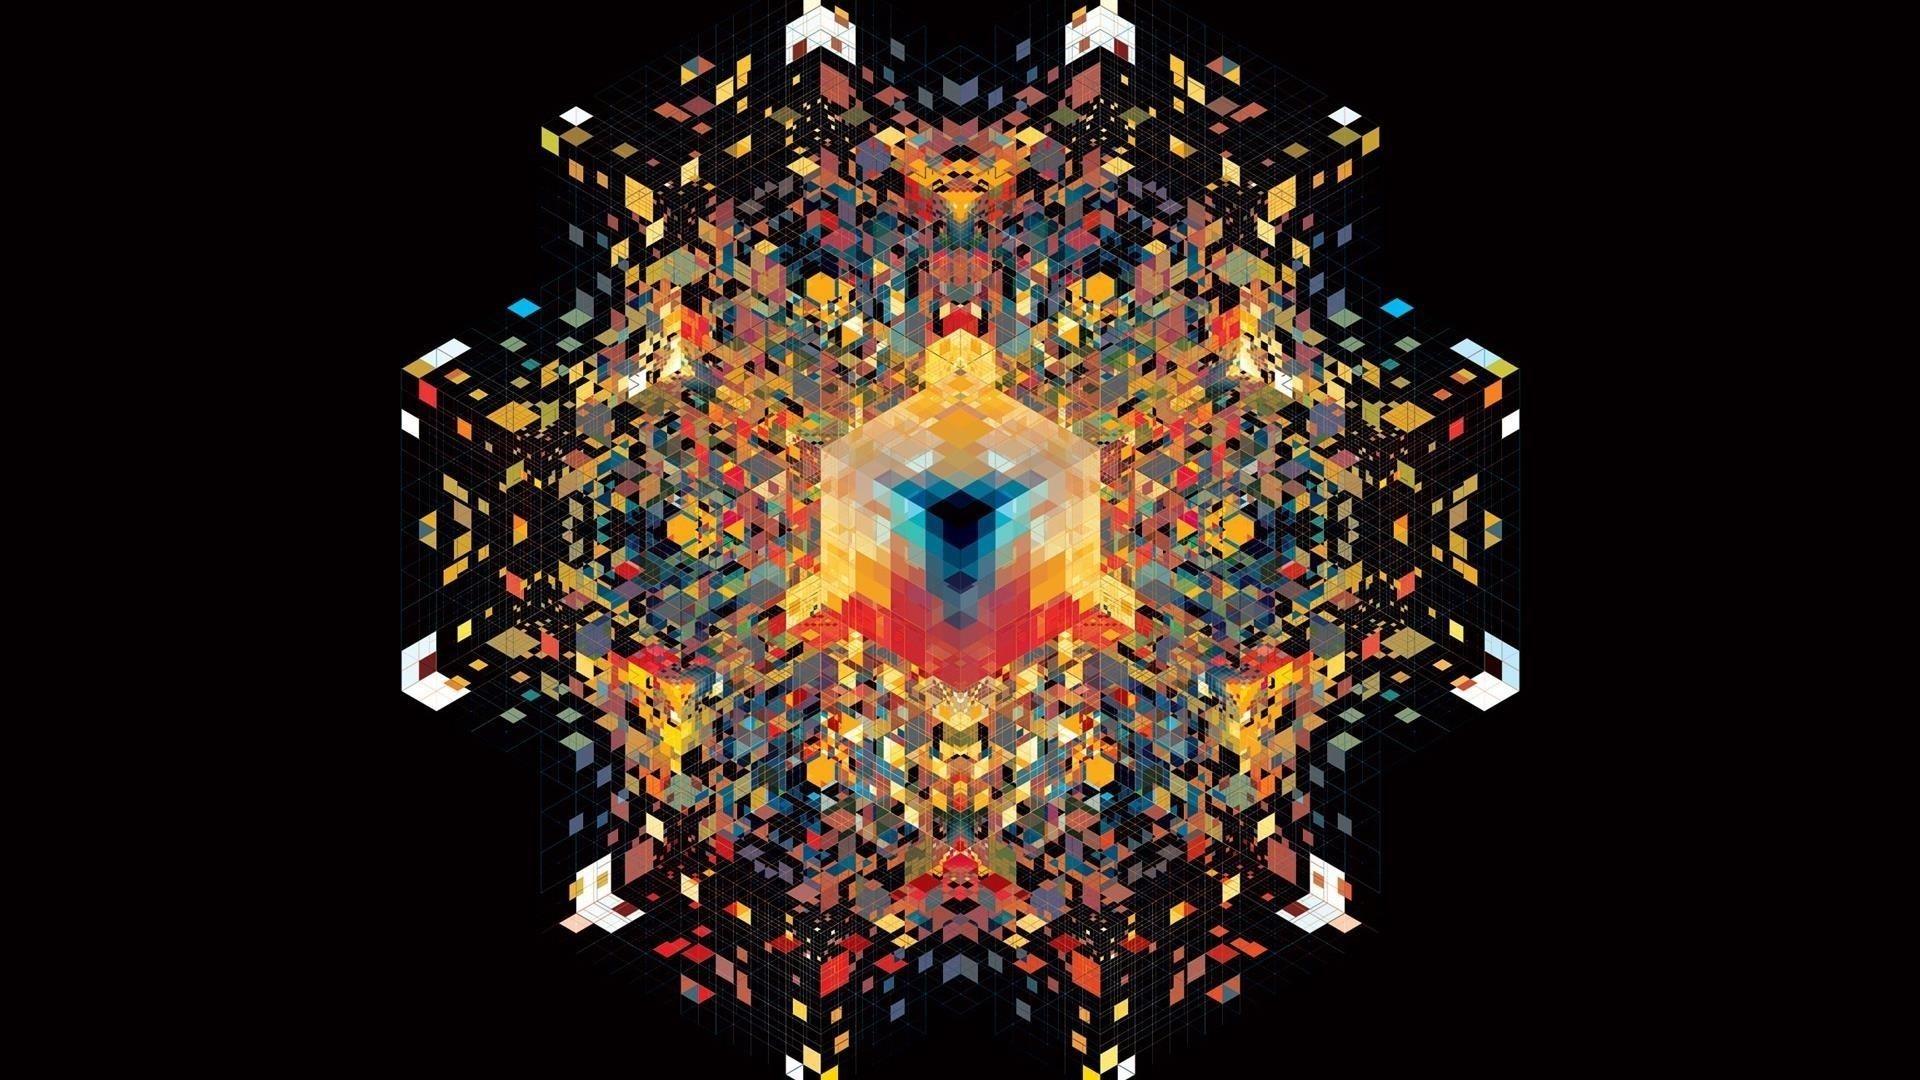 Красочный калейдоскоп абстракция черный фон абстракция обои скачать